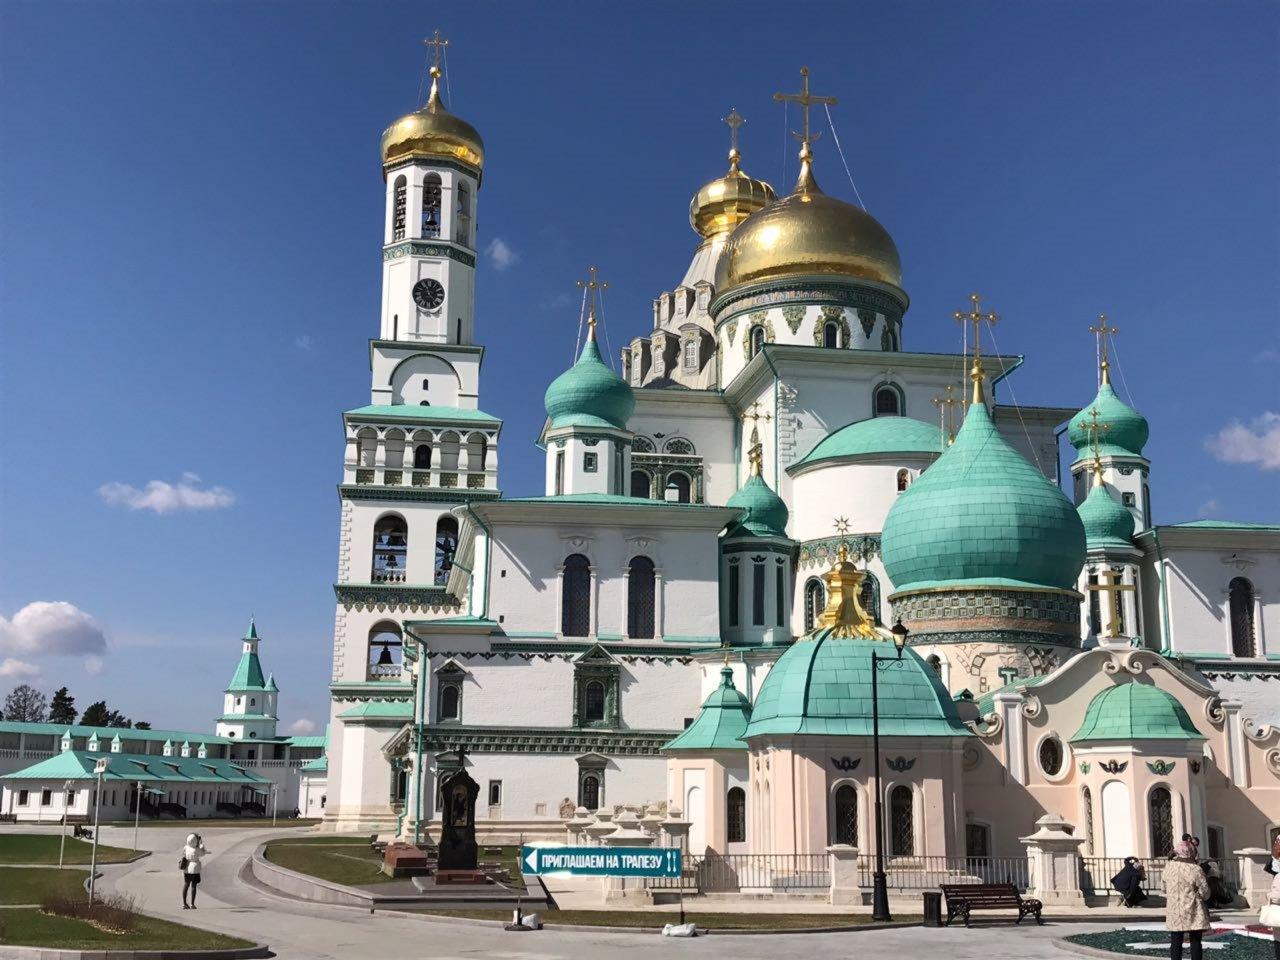 Воскресенский Ново-Иерусалимский монастырь - индивидуальная экскурсия по Москве от опытного гида